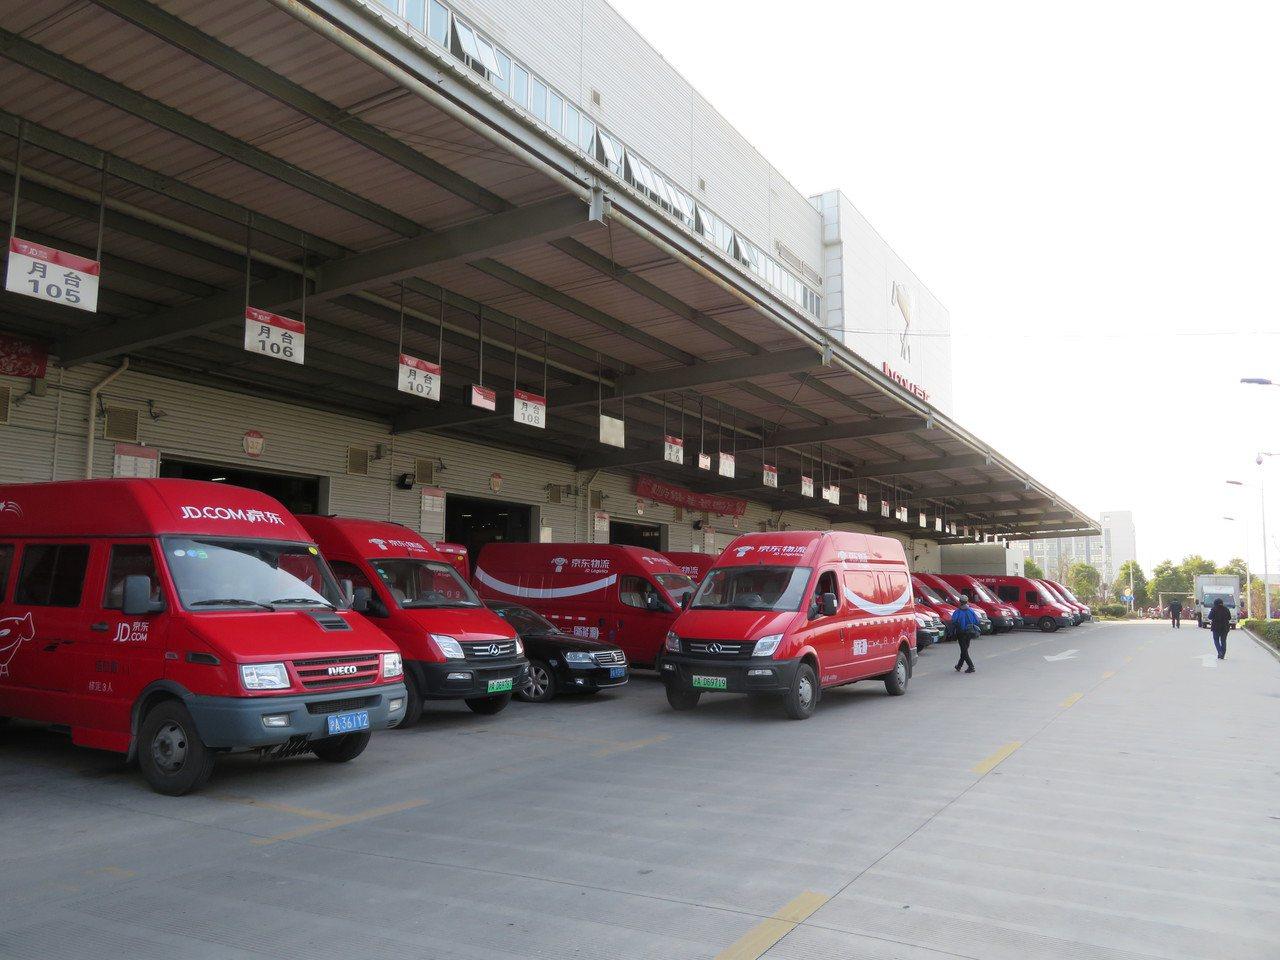 京東位於上海嘉定的上海物流中心—「亞洲一號」,佔地約120畝,面積超過14個足球...